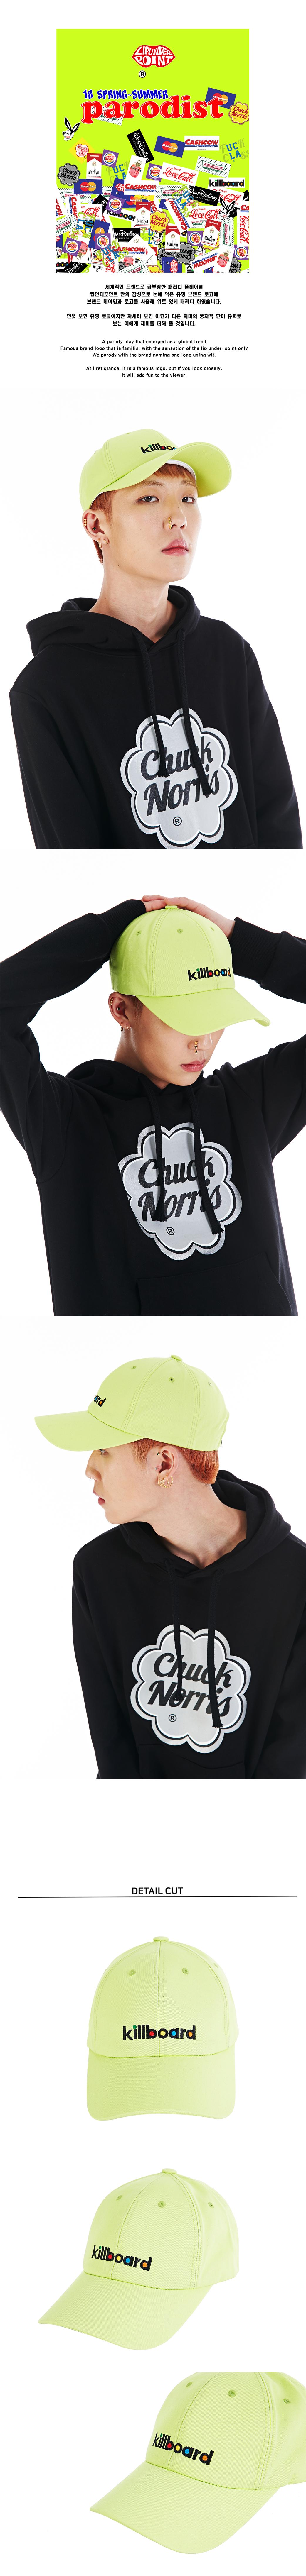 킬보드형광-모자.jpg